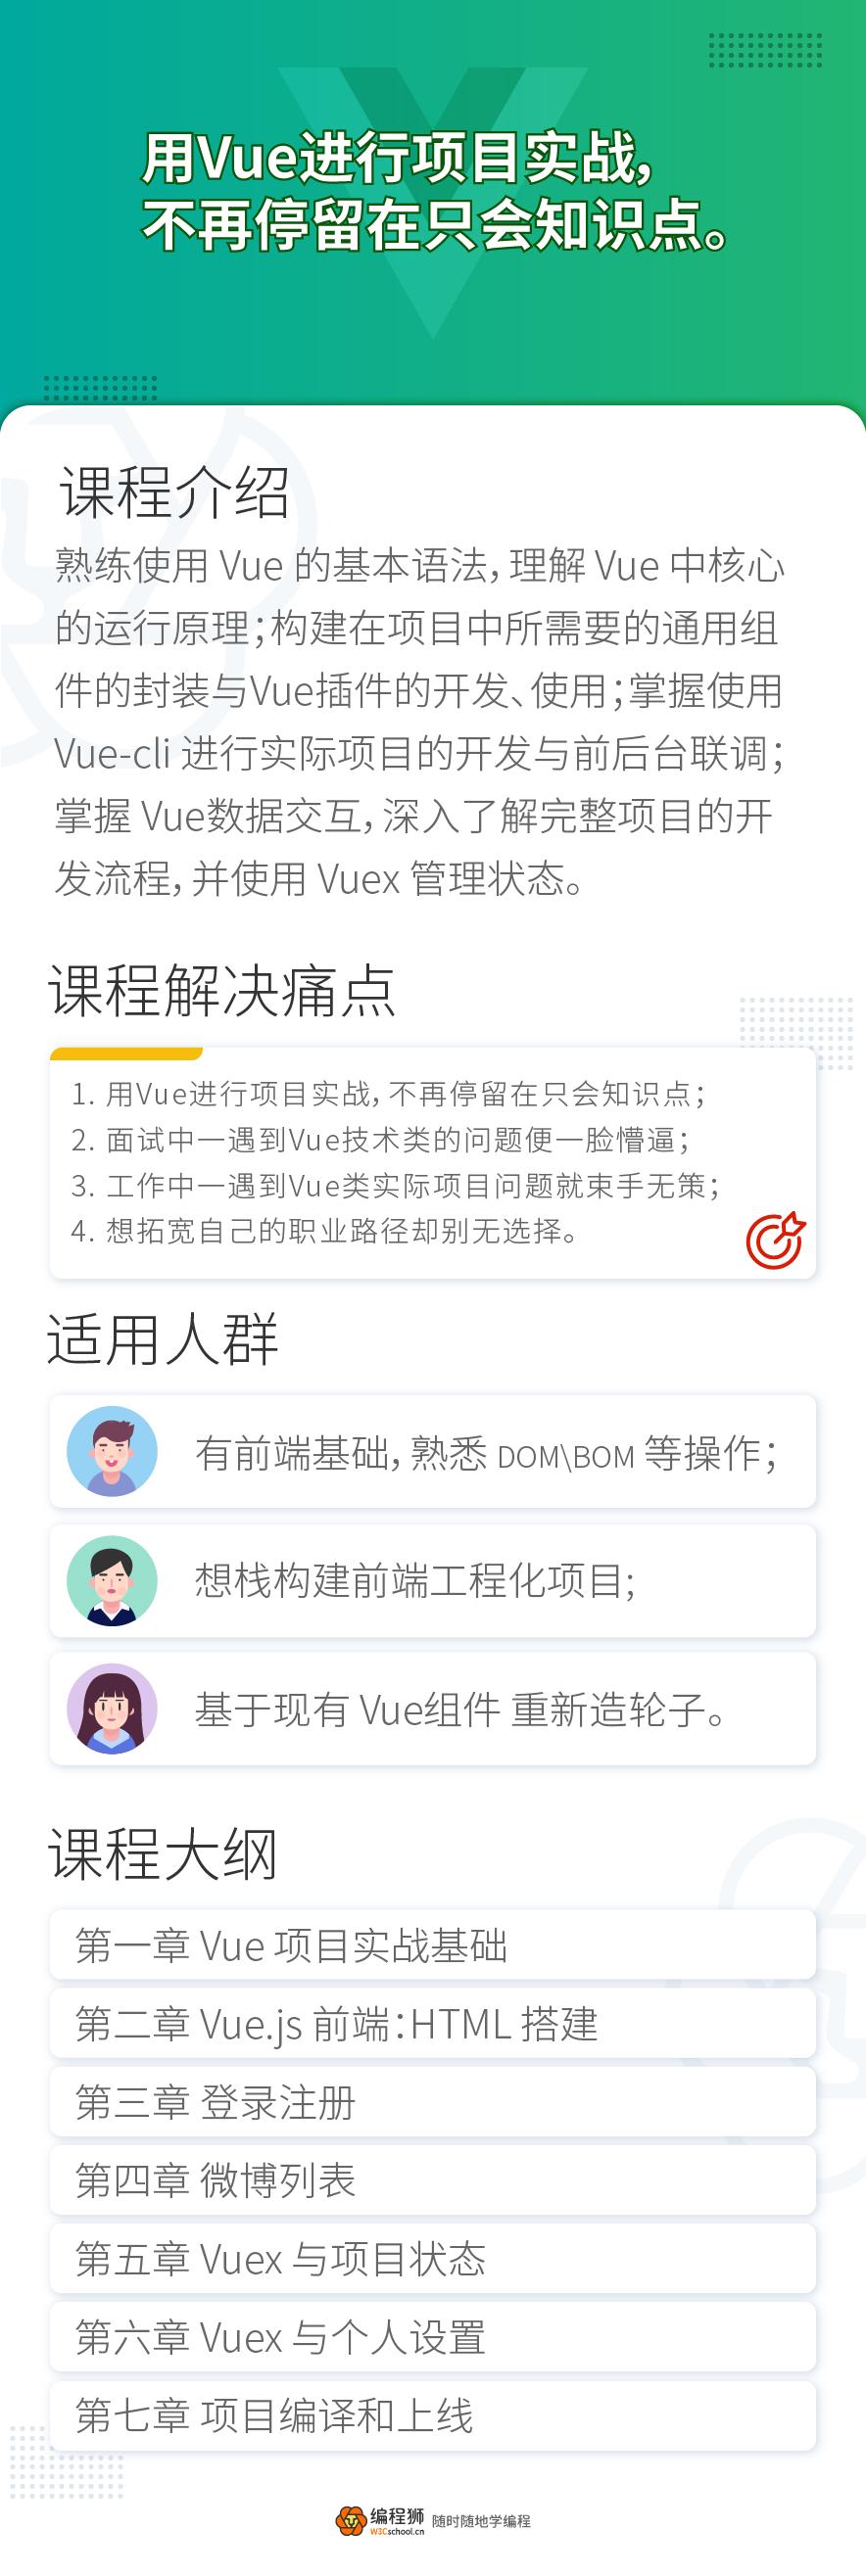 Vue項目實戰詳情頁